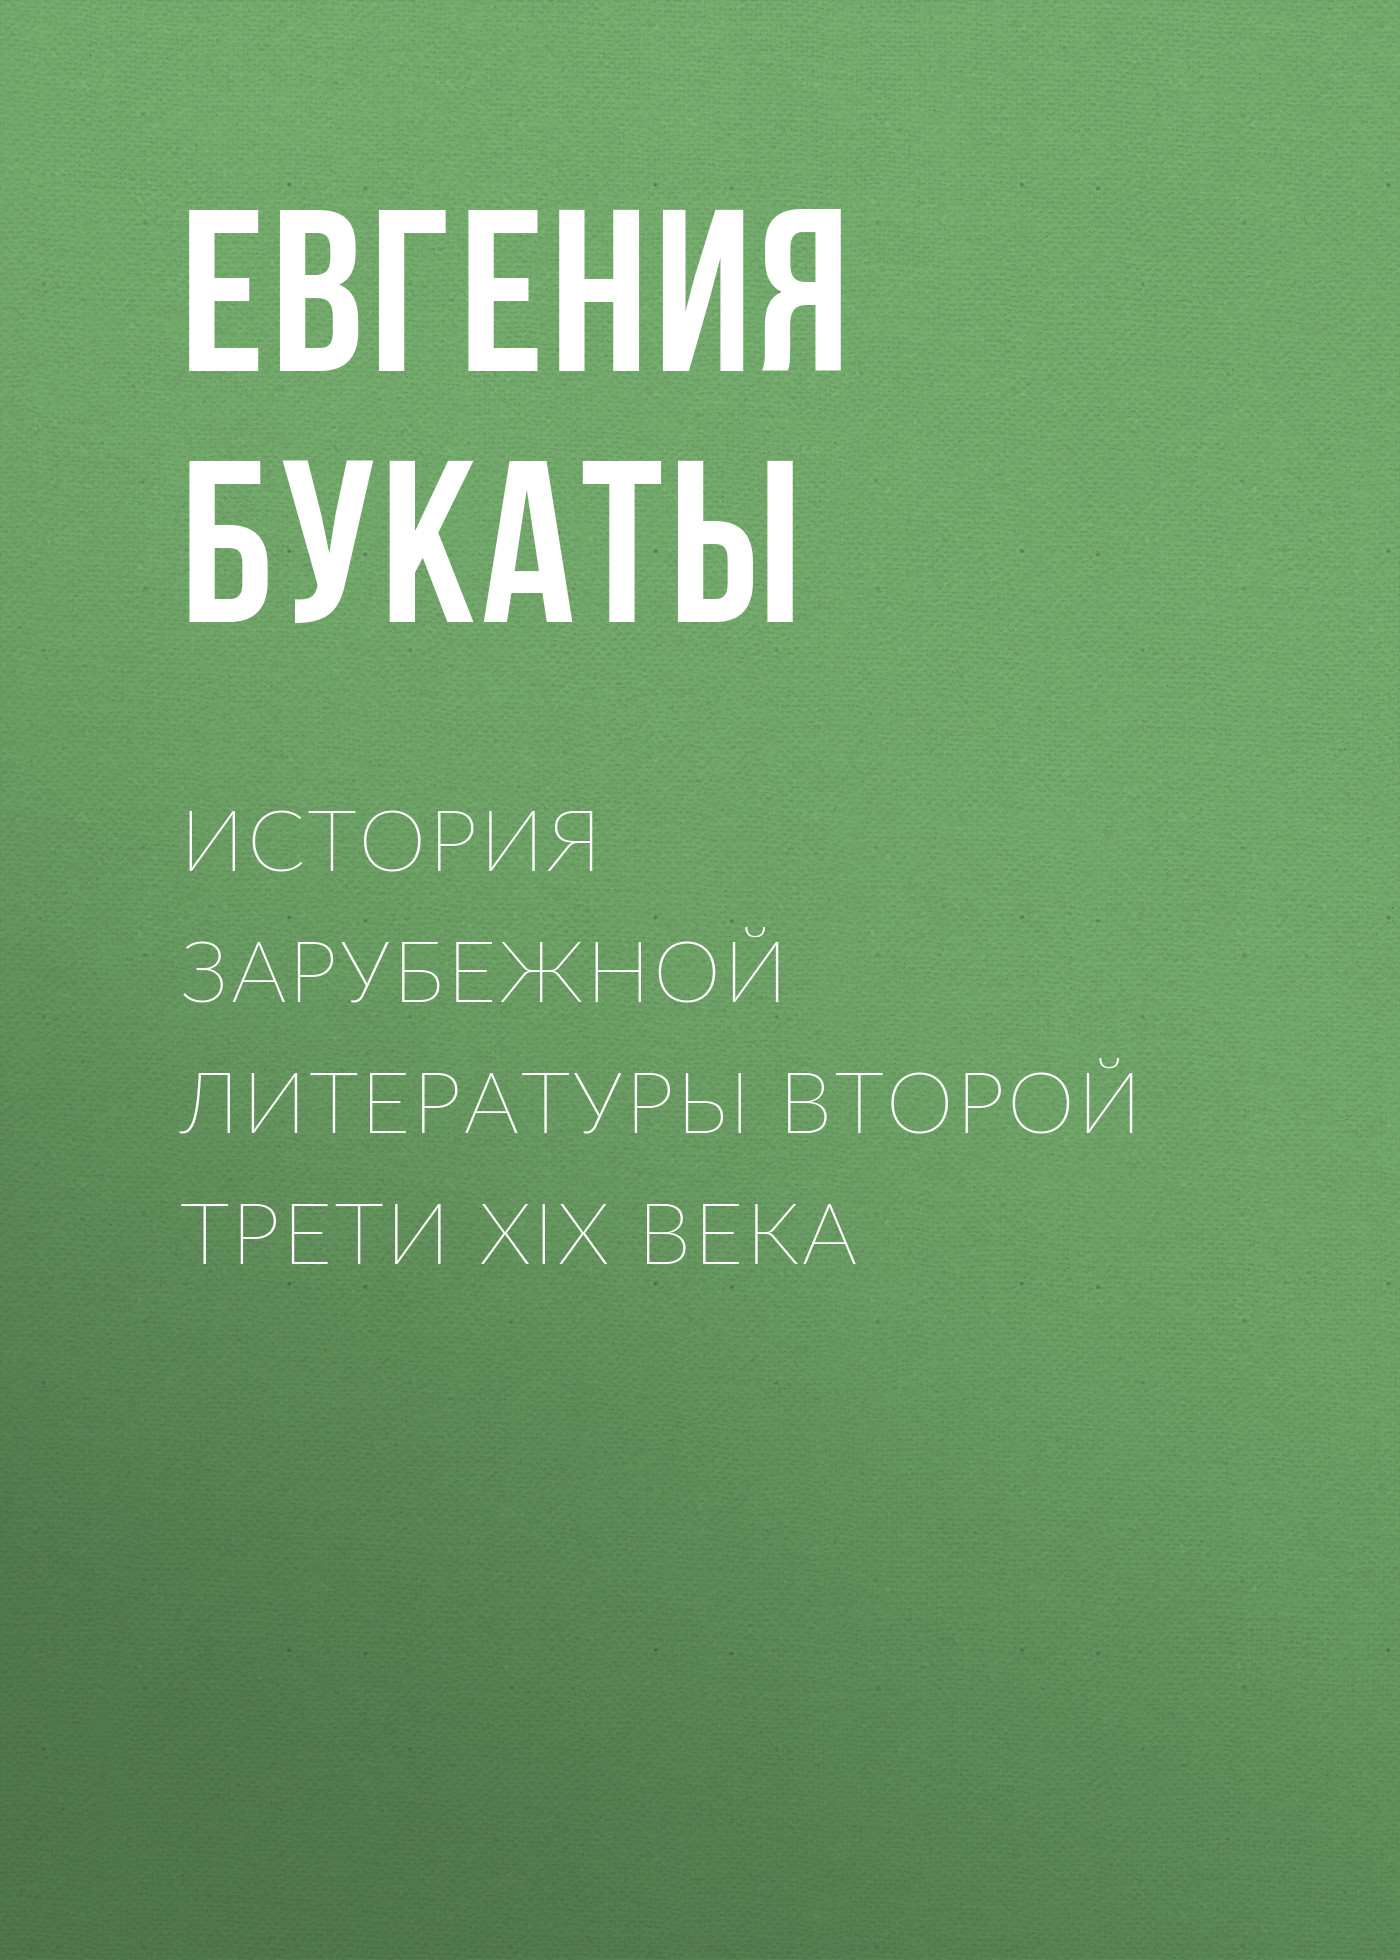 Евгения Букаты История зарубежной литературы второй трети XIX века тарифный план